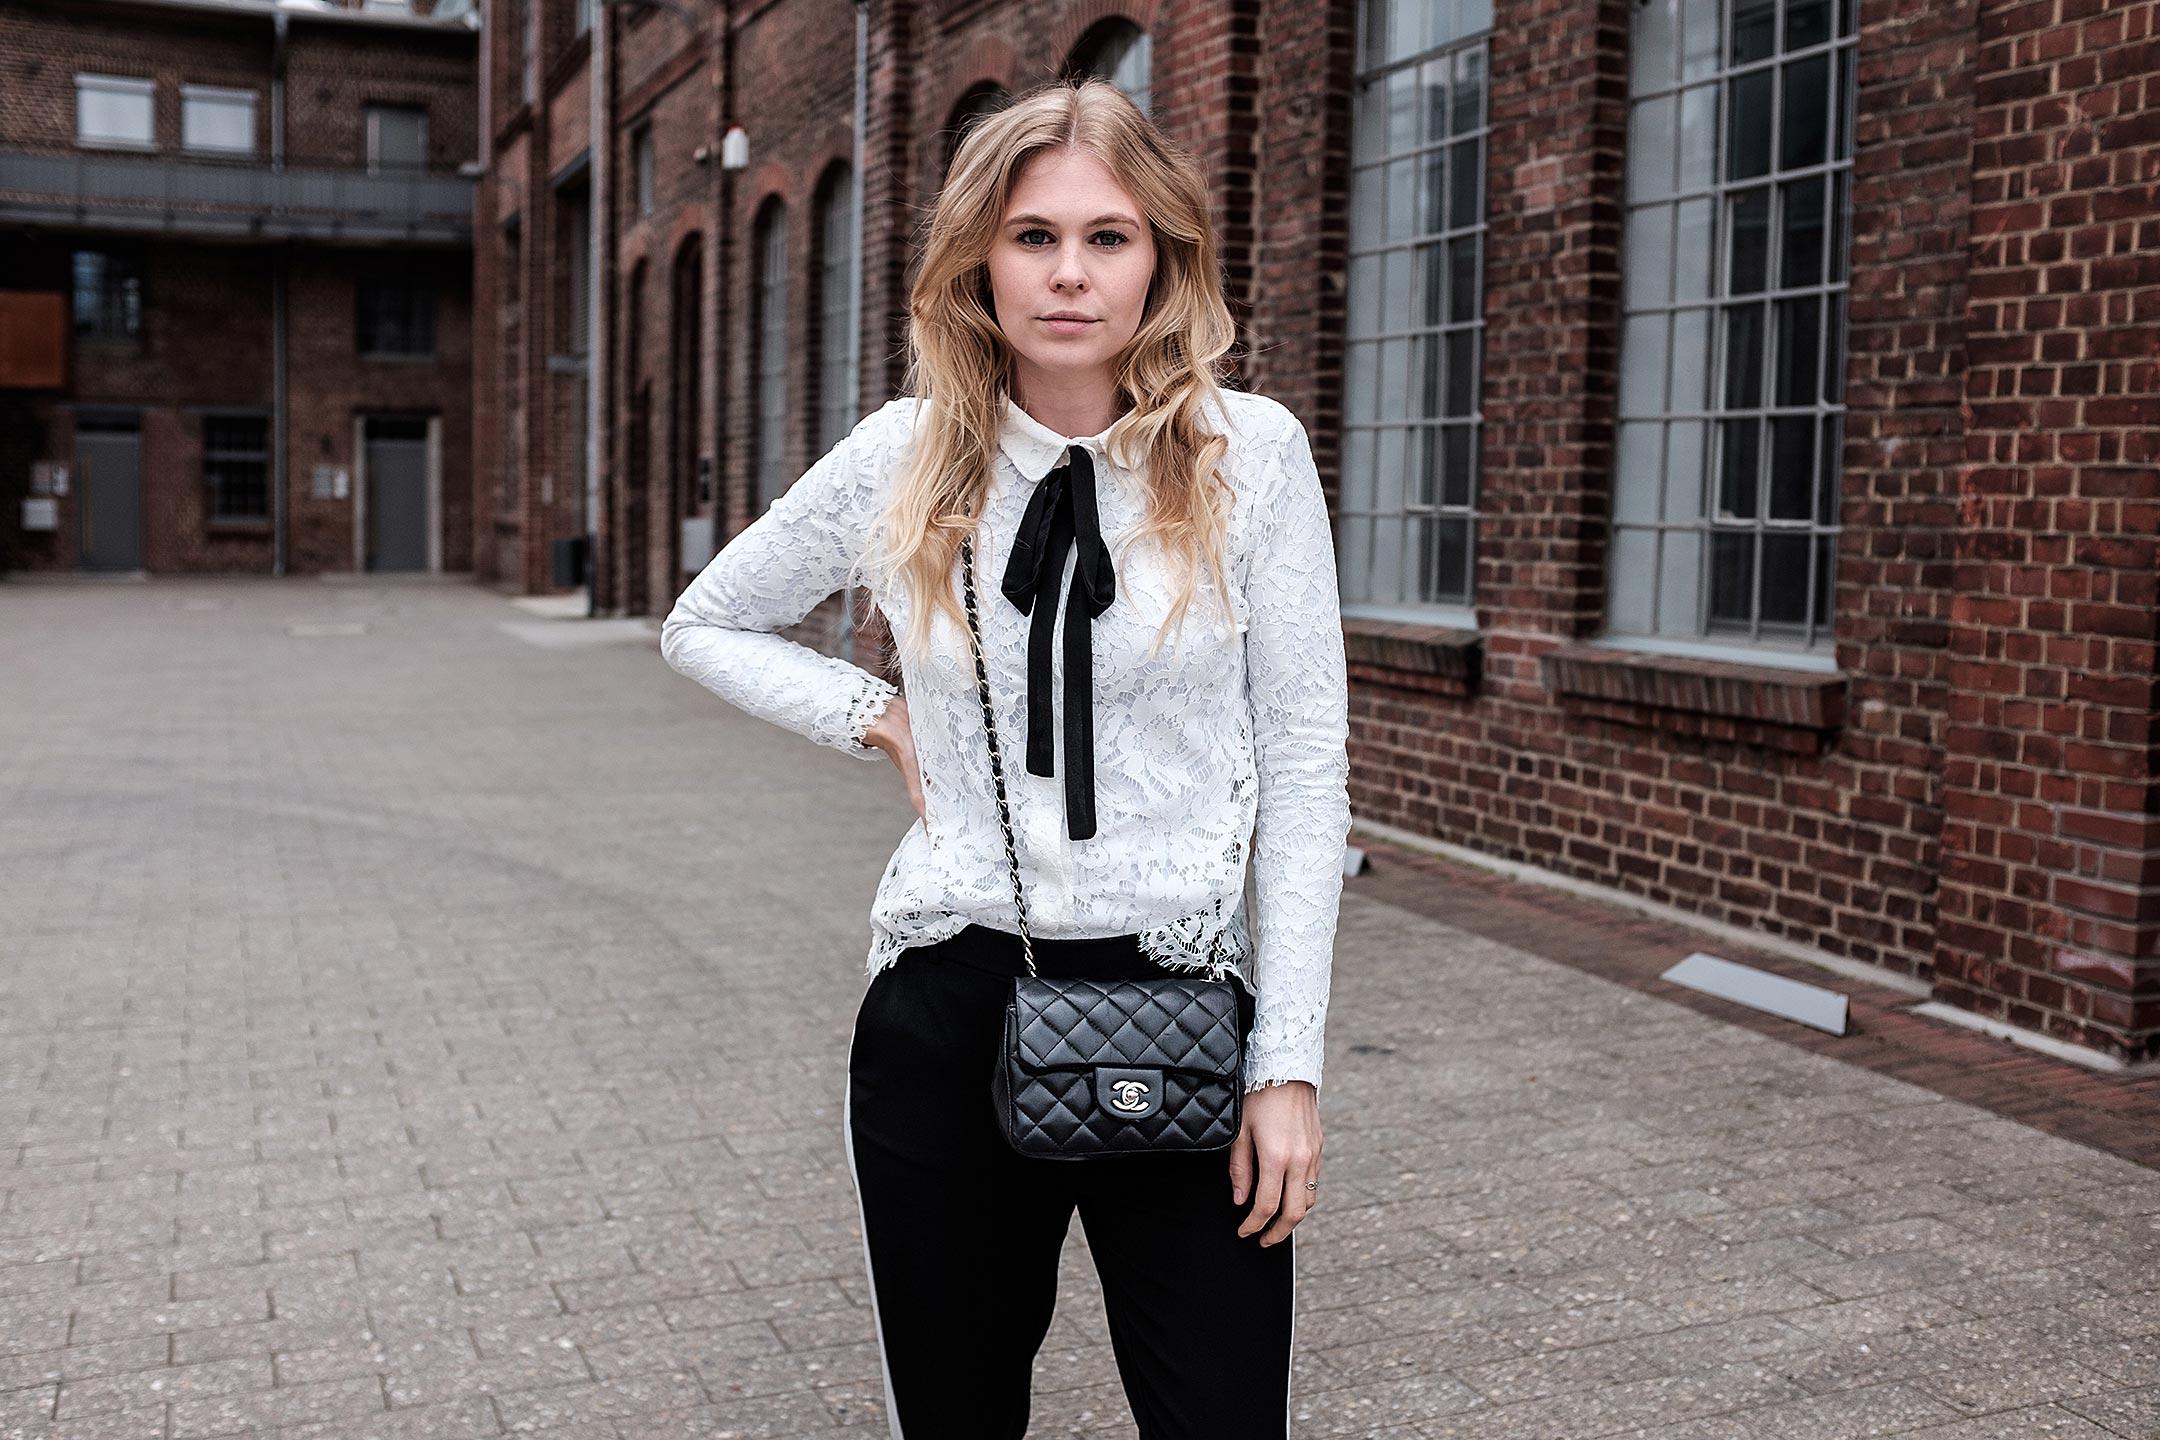 Bluse weiß Outfit Sunnyinga Fashionblog Düsseldorf